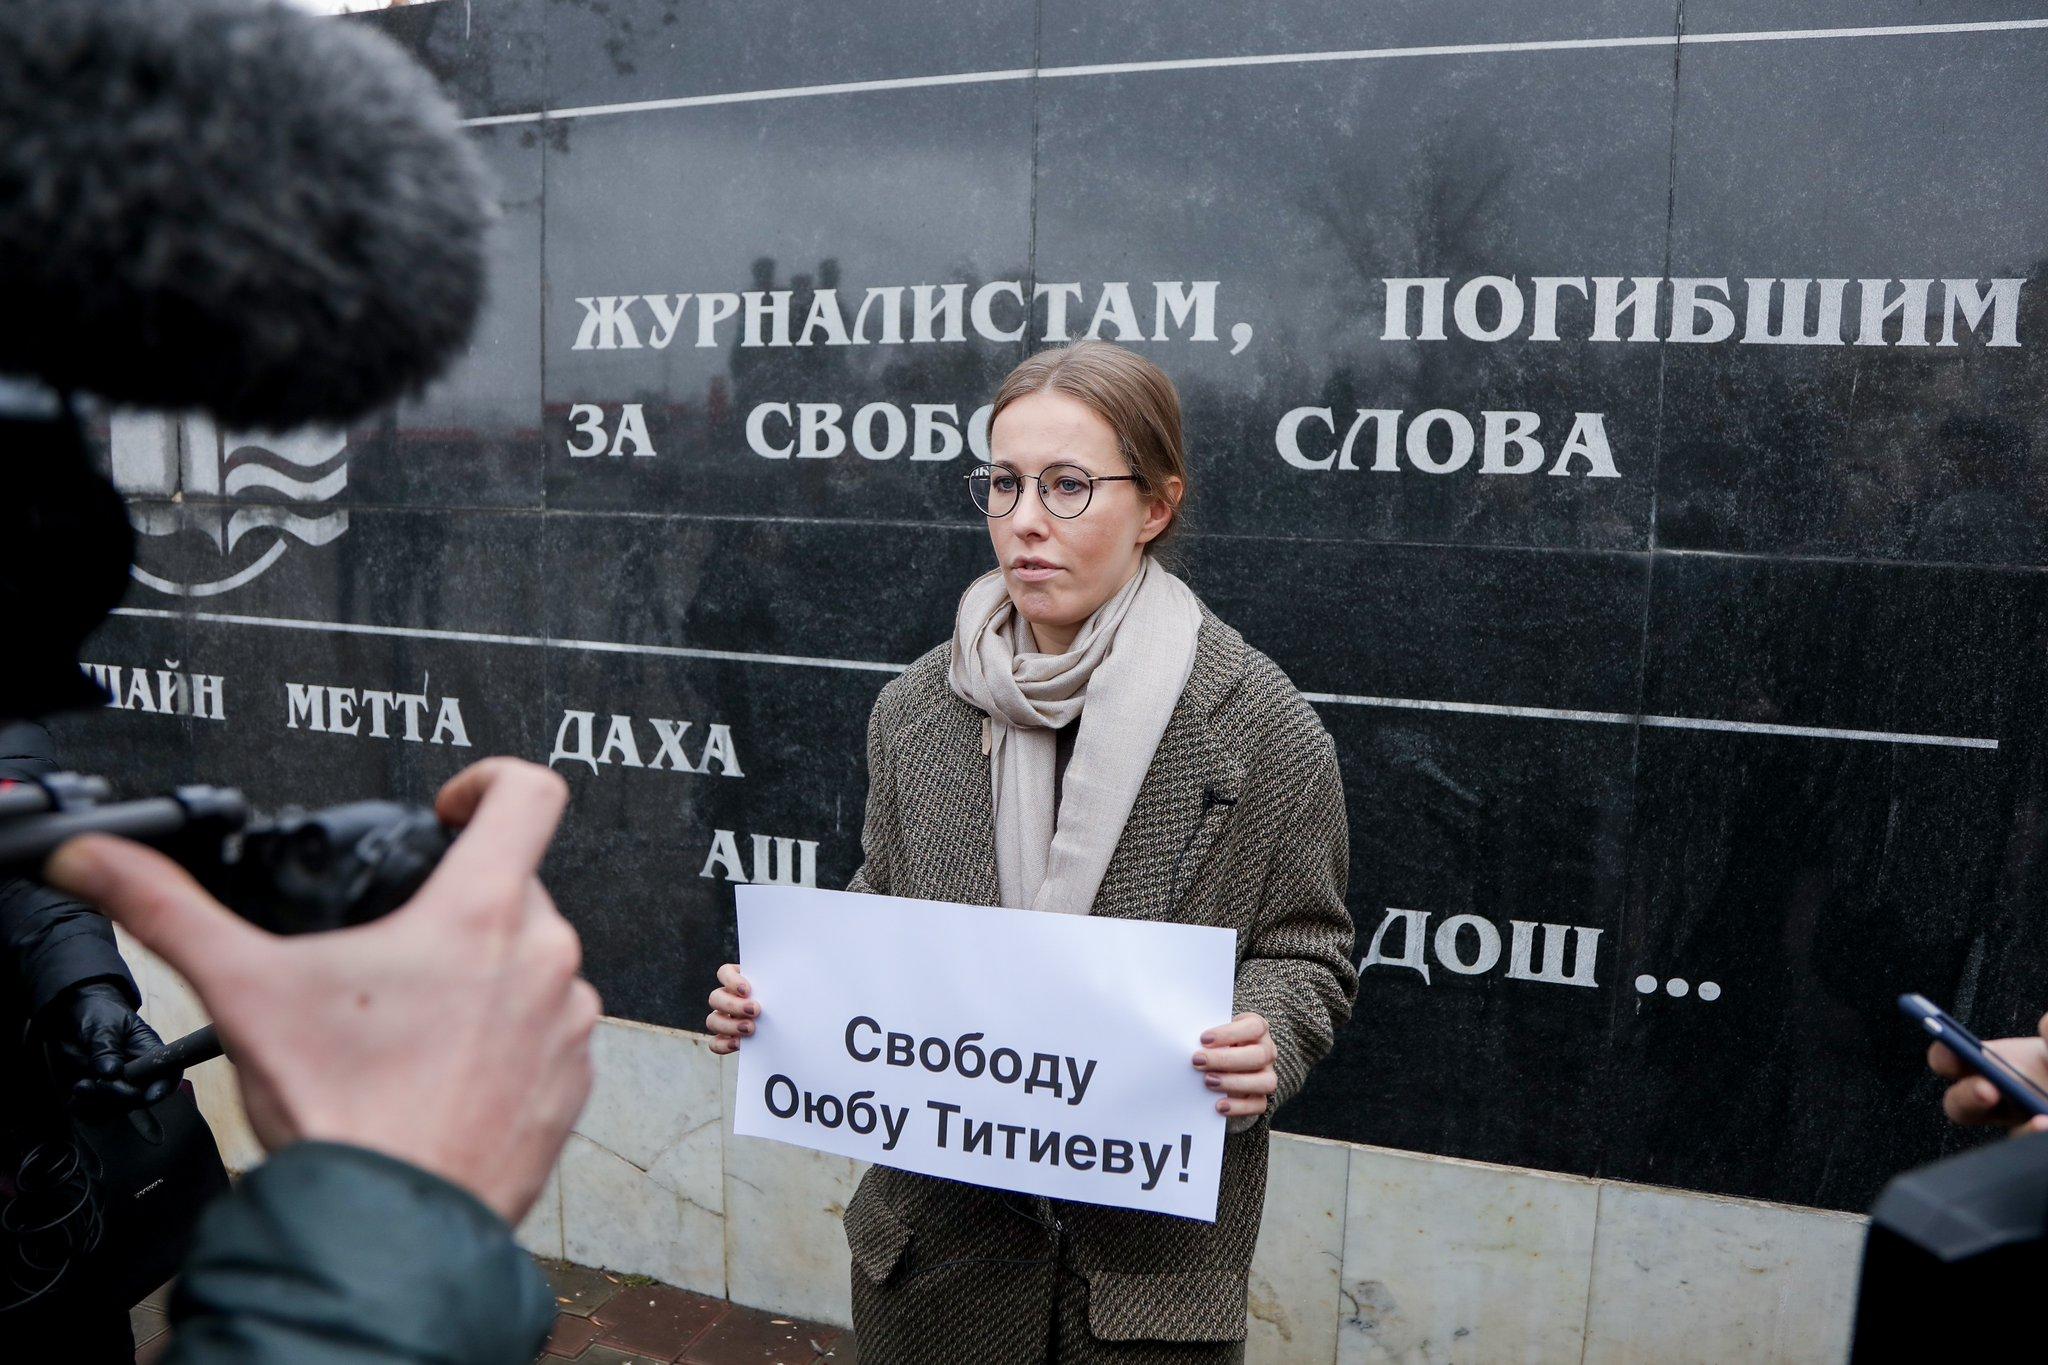 Ксения Собчак провела одиночный пикет в Грозном, к ней пристали чеченцы